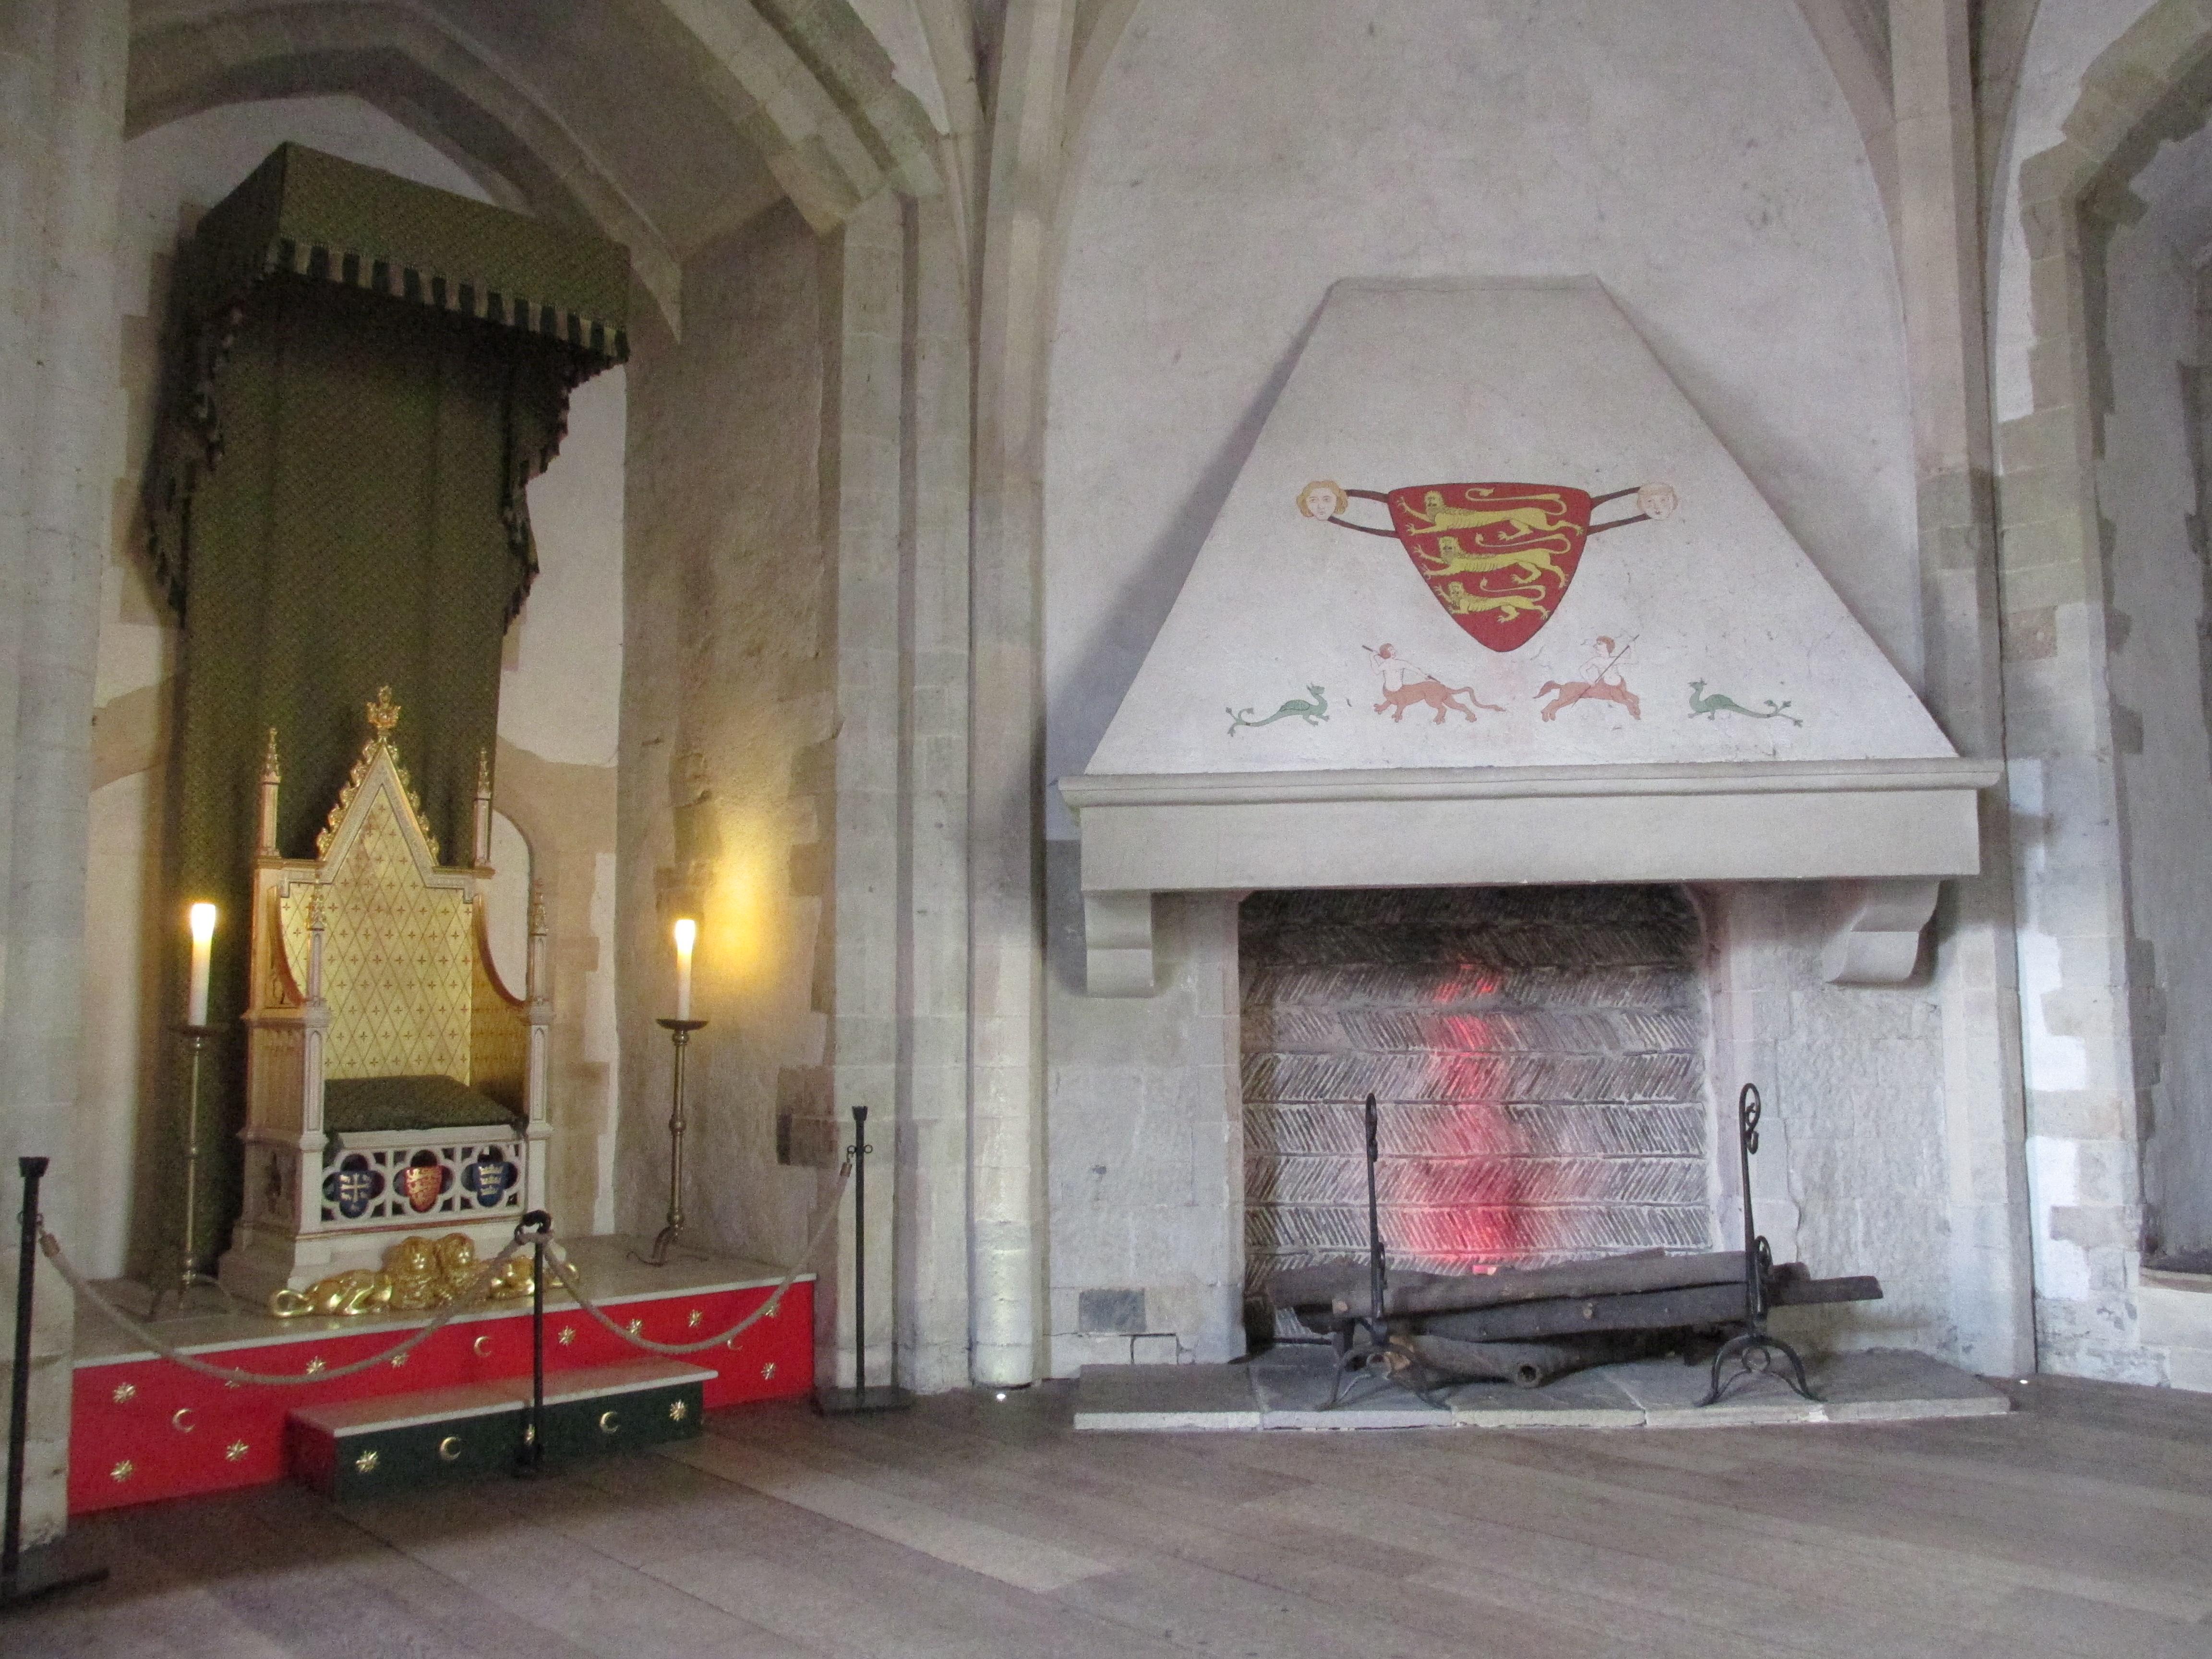 IMG 1772 - Visitando la Torre de Londres